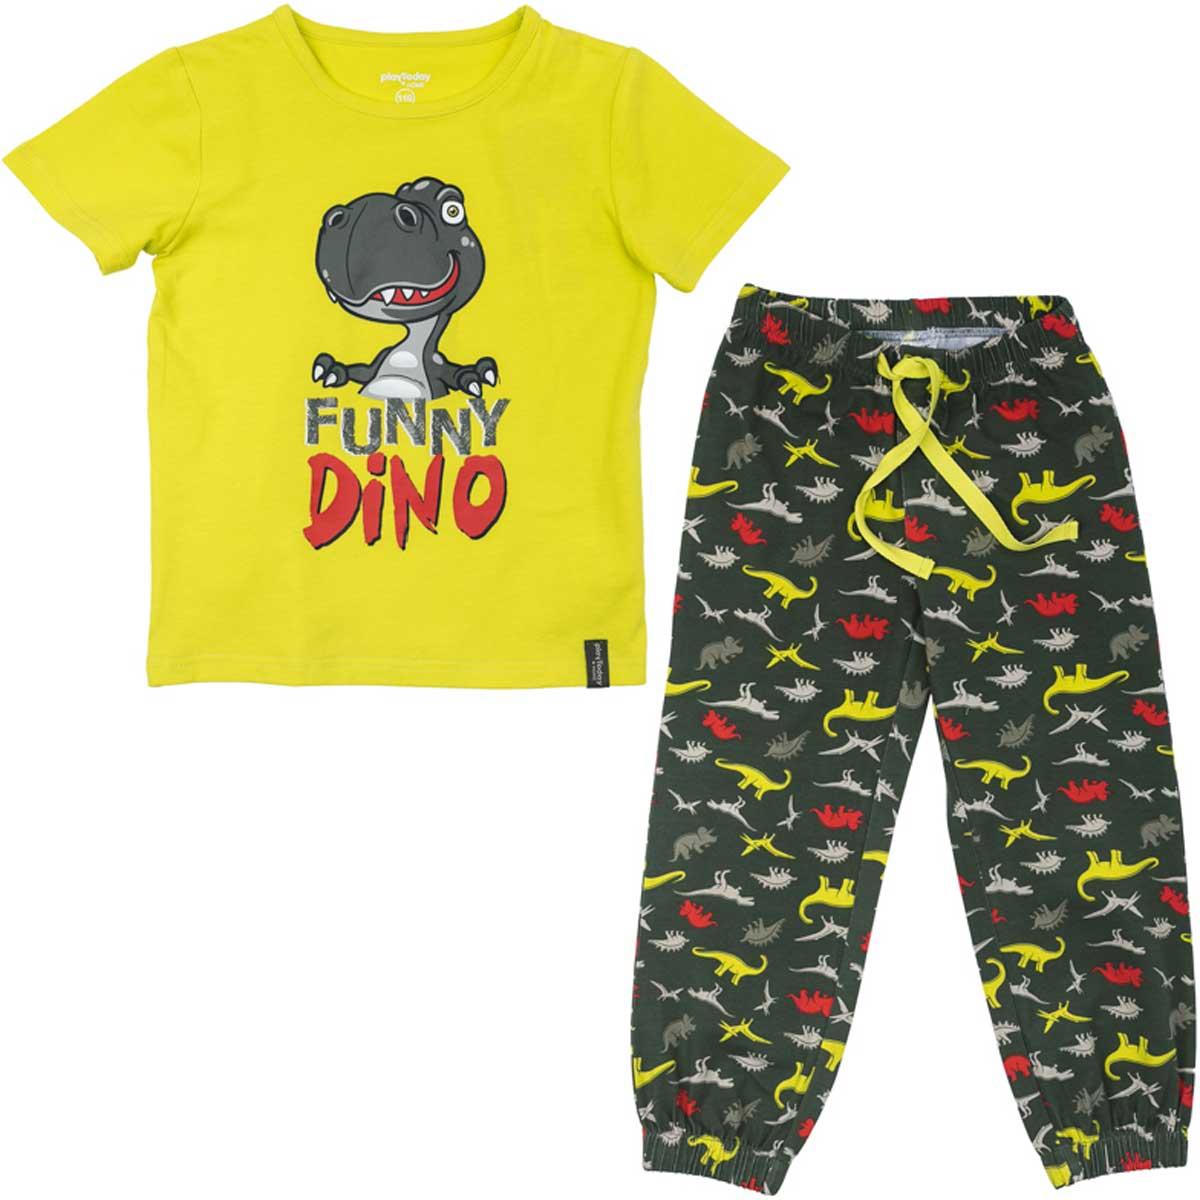 Комплект для мальчика PlayToday: футболка, брюки, цвет: желтый, темно-серый. 175001. Размер 104175001Комплект из футболки и брюк прекрасно подойдет для домашнего использования. Мягкий, приятный к телу, материал не сковывает движений. Яркий стильный принт является достойным украшением данного изделия. Брюки на мягкой удобной резинке на поясе и на штанинах, с регулируемым шнуром - кулиской на поясе.